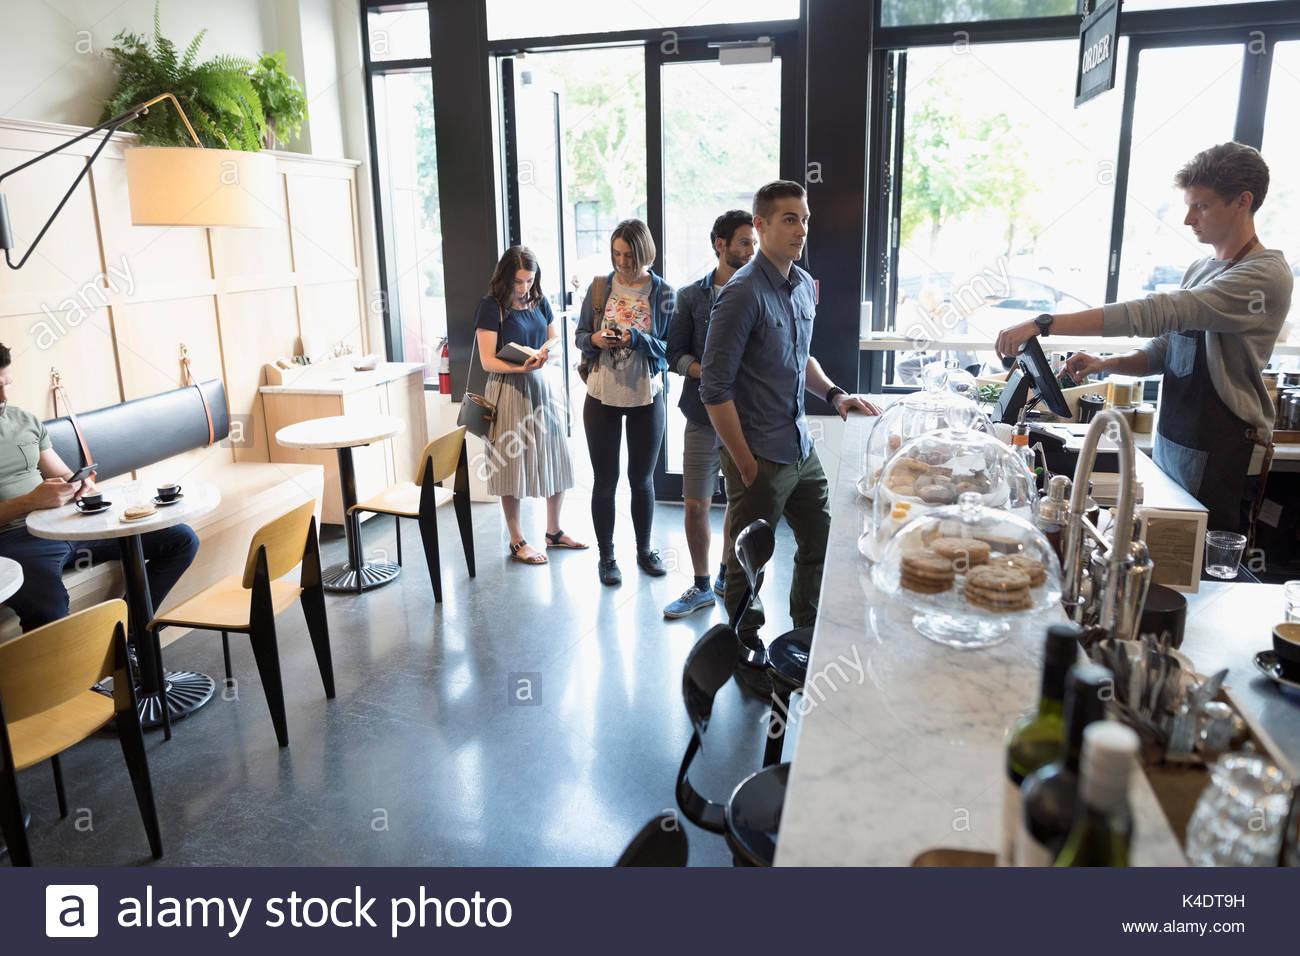 Trabajador de ayudar a los clientes en cola en el cafe counter Imagen De Stock